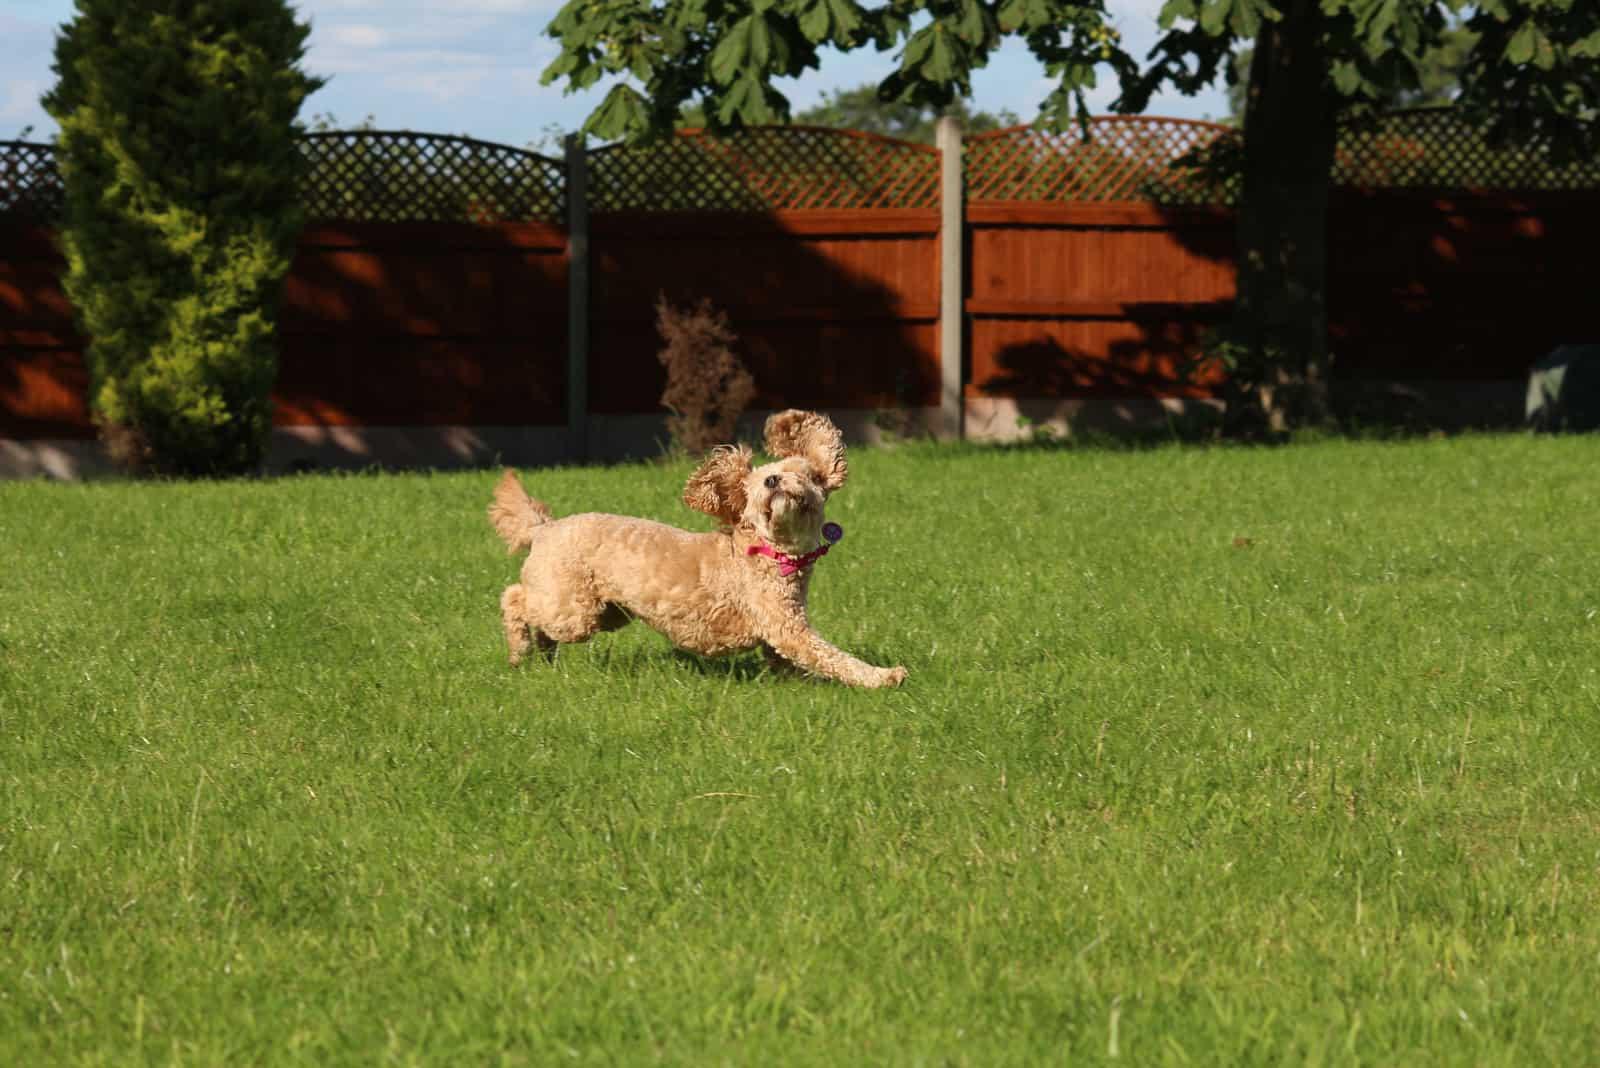 Cavapoo runs around the garden